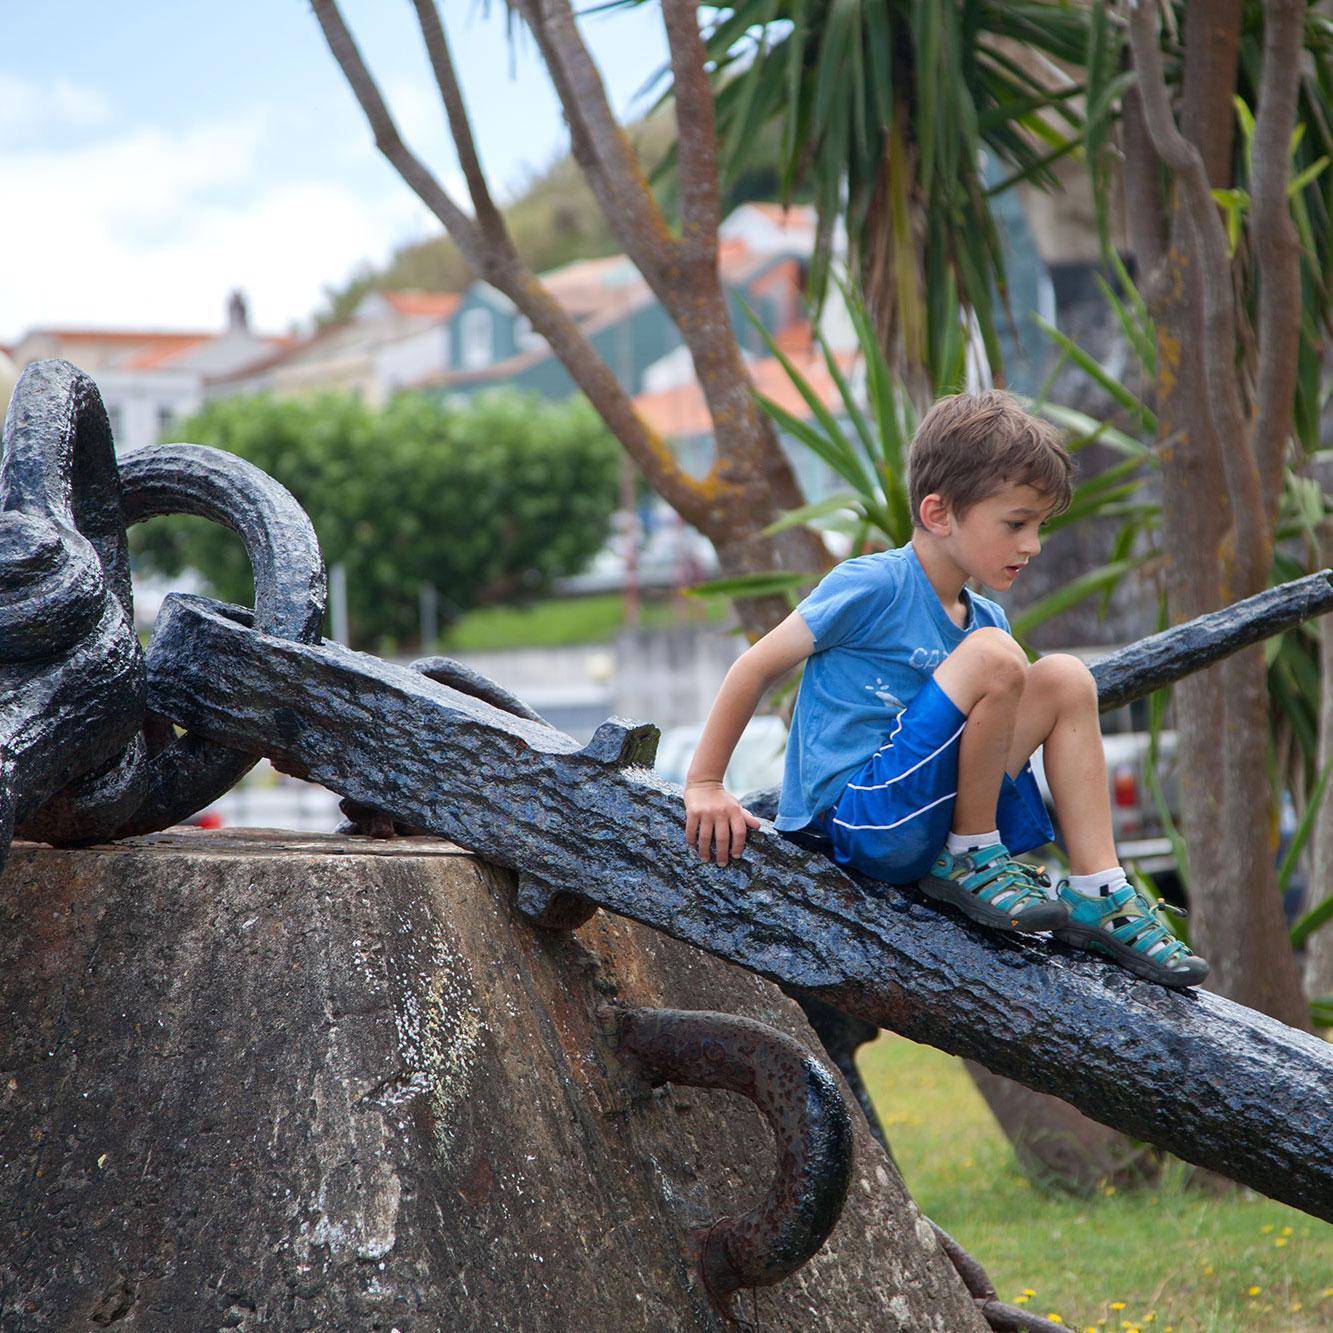 young boy having fun